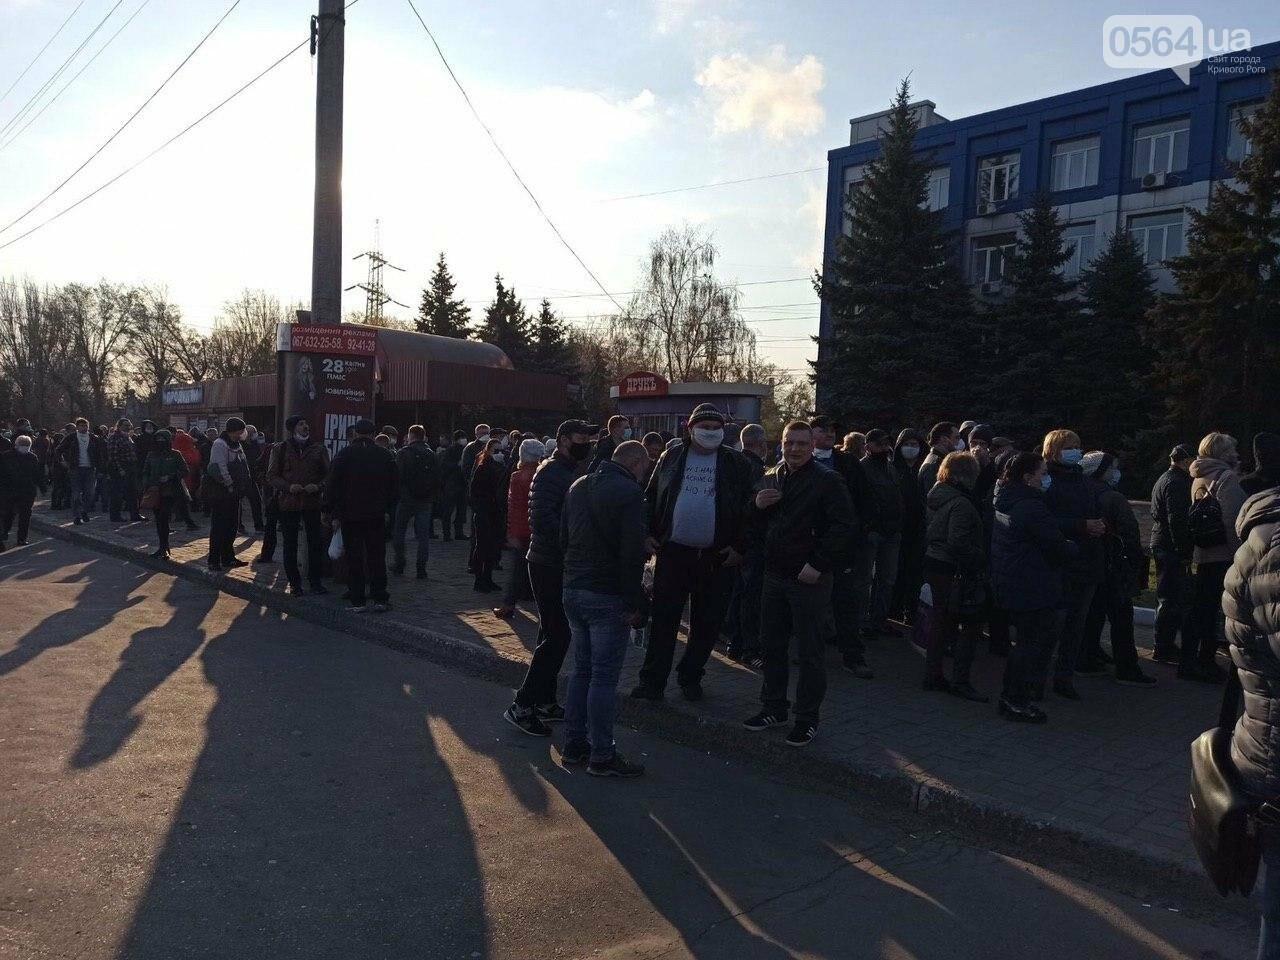 """""""Конца и края не видно"""": тысячи криворожан стоят в очереди за спецпропуском для проезда в общественном транспорте, - ФОТО, ВИДЕО , фото-7"""